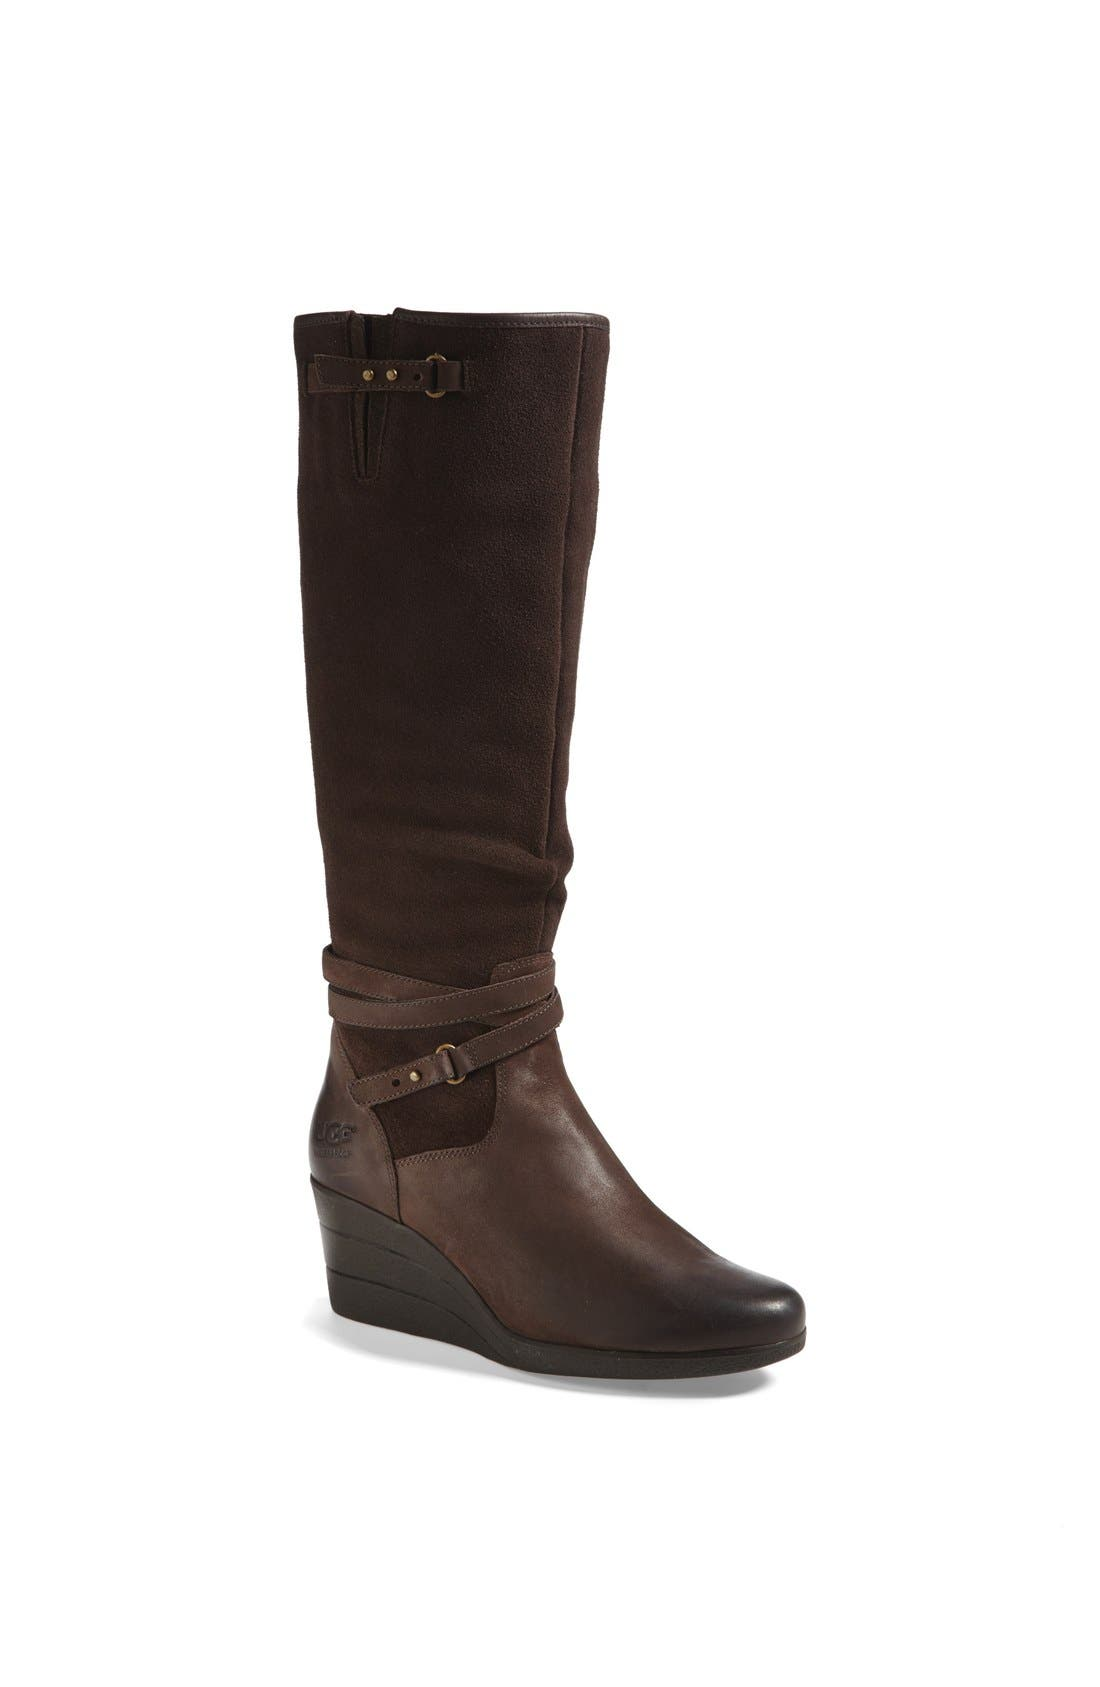 Main Image - UGG® 'Lesley' Waterproof Suede Wedge Knee High Boot (Women